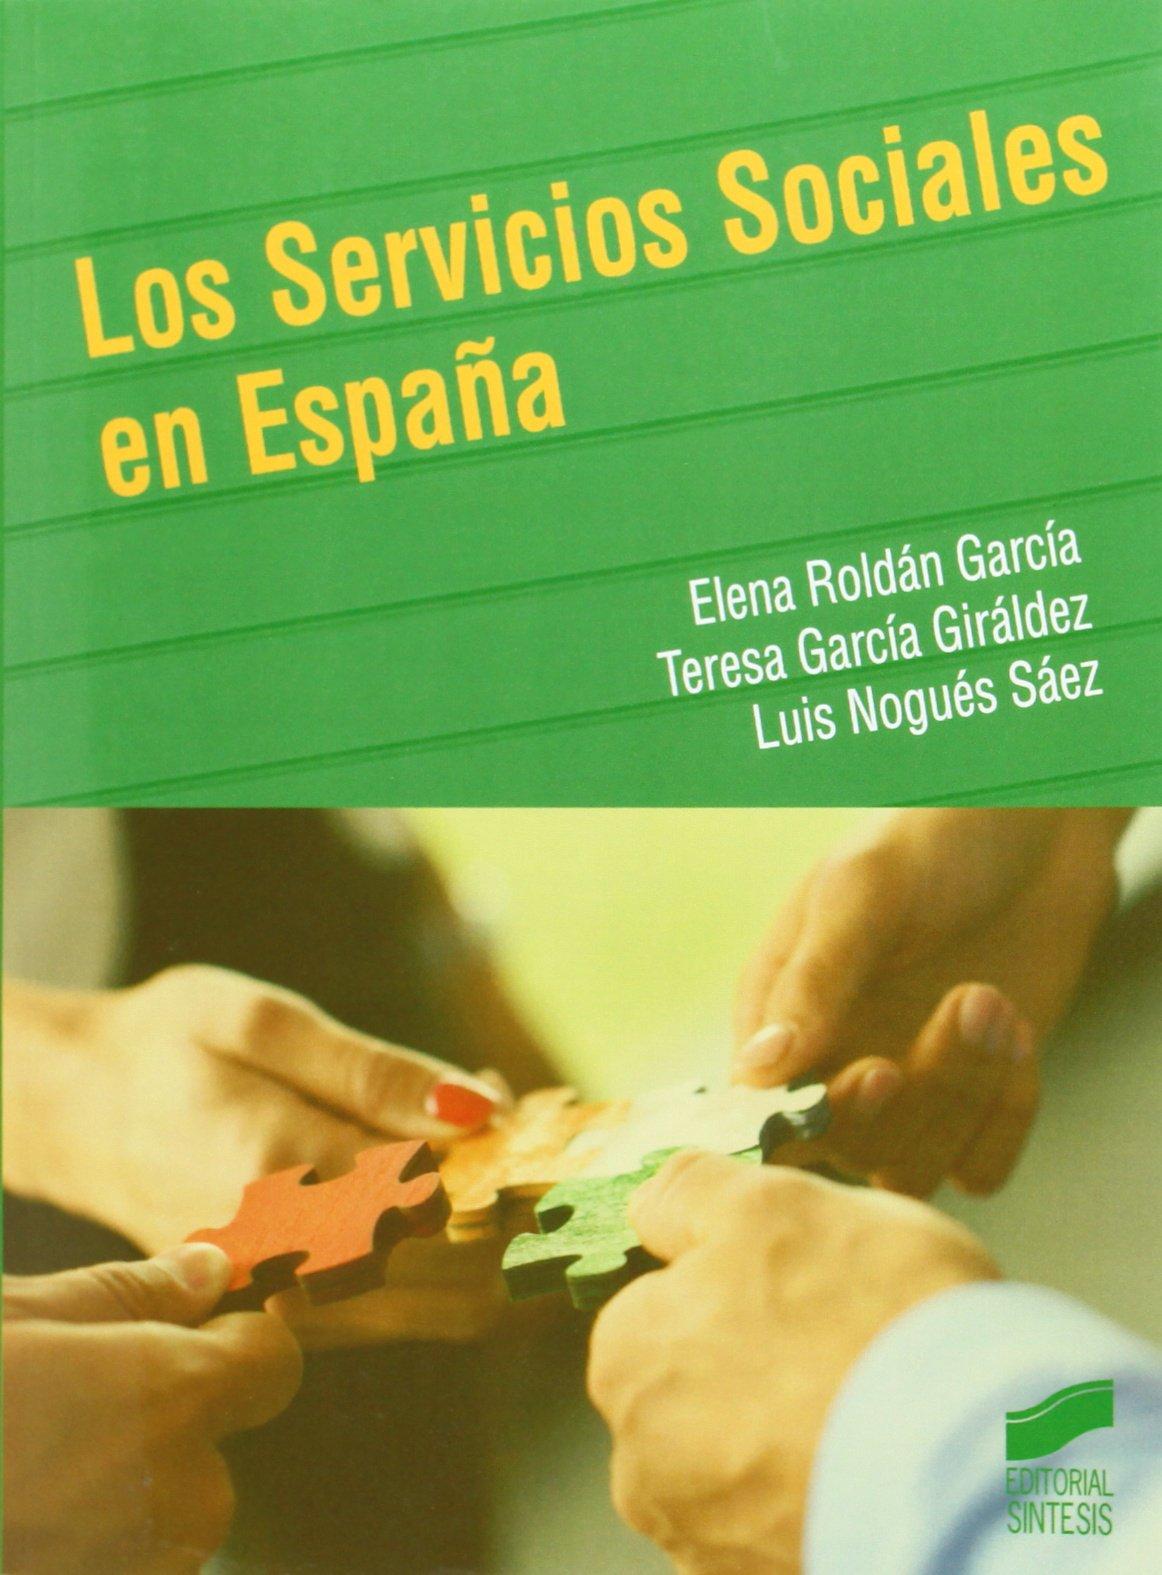 Los Servicios Sociales en España (Trabajo Social): Amazon.es: Roldán García, Elena, García Giráldez, María Teresa, Nogués Sáez, Luis: Libros